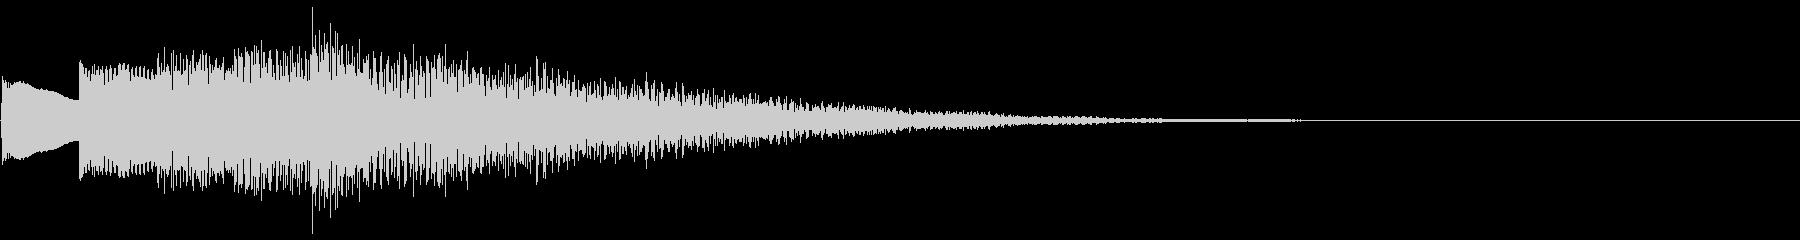 不思議なベルの未再生の波形